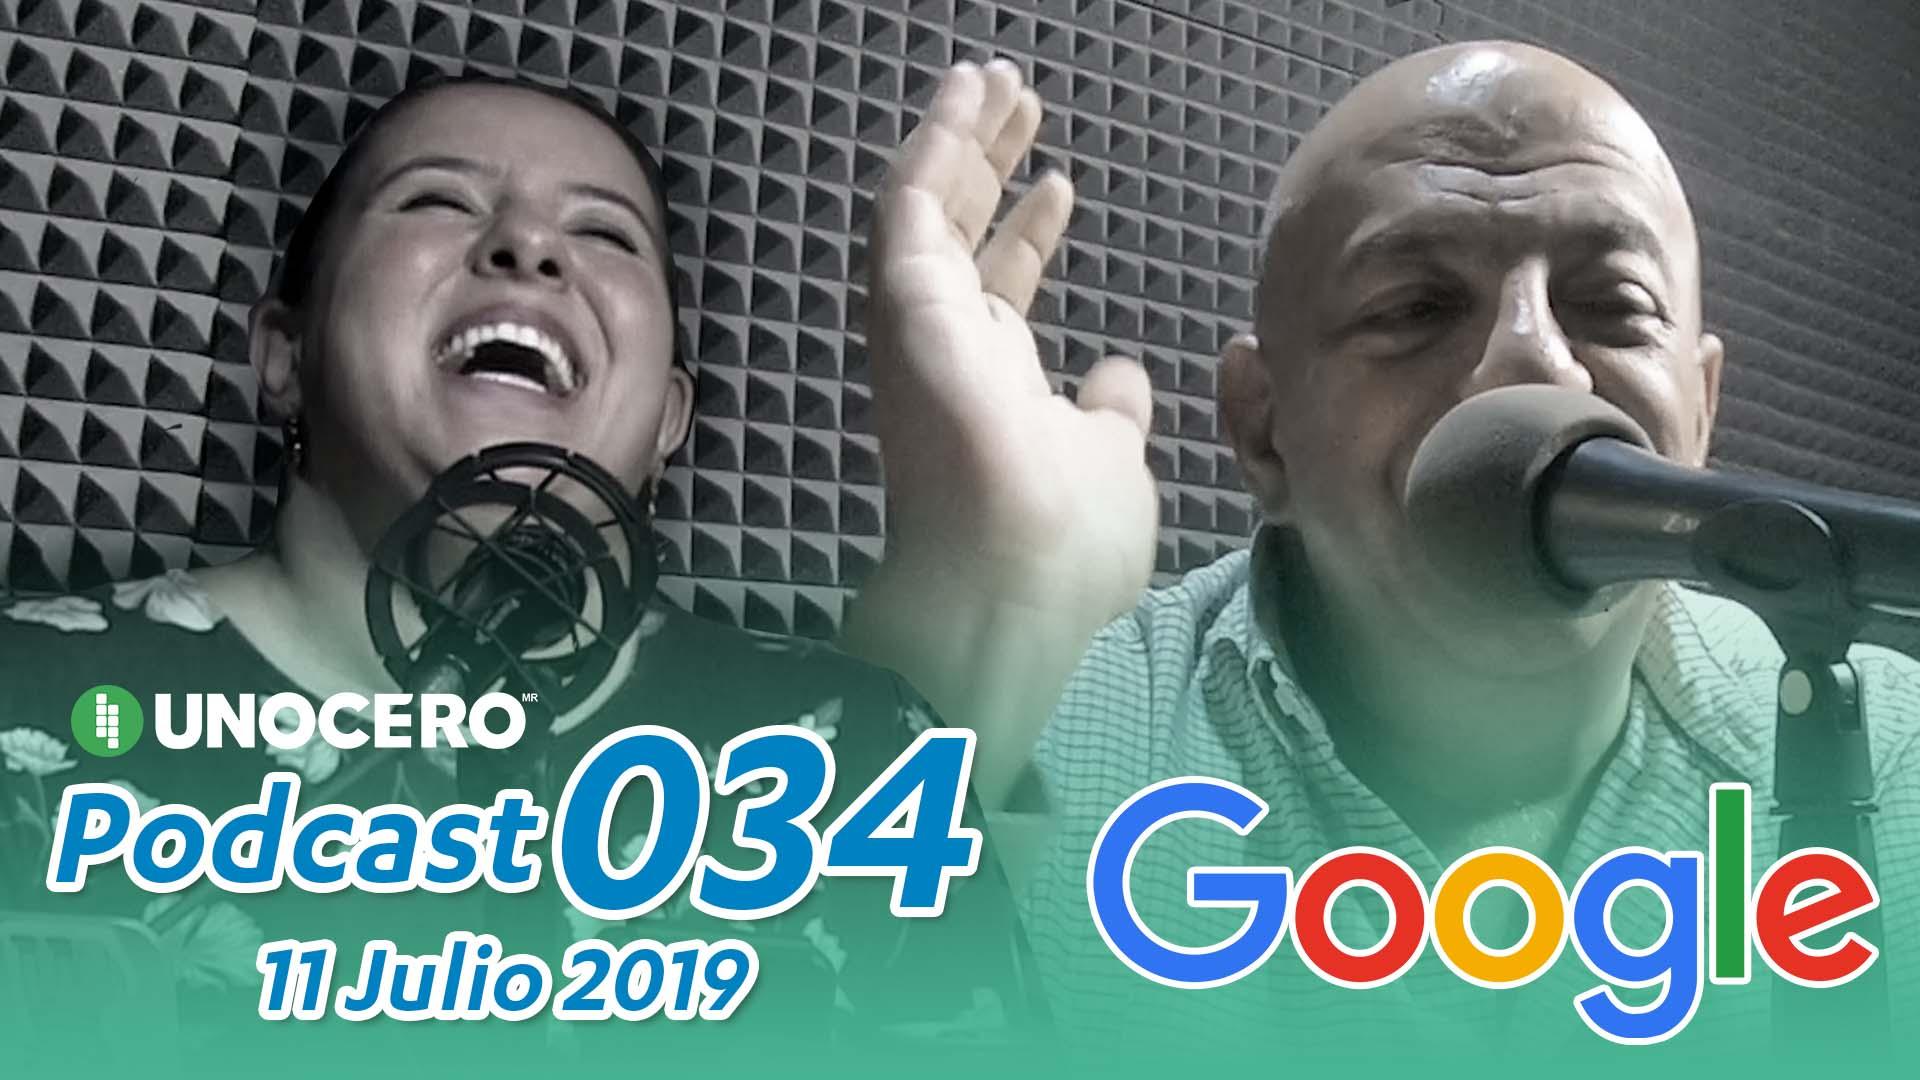 Unocero Podcast 034: Registro del IMEI, Google en MX y tecnologías «ligeras». Noticias en tiempo real